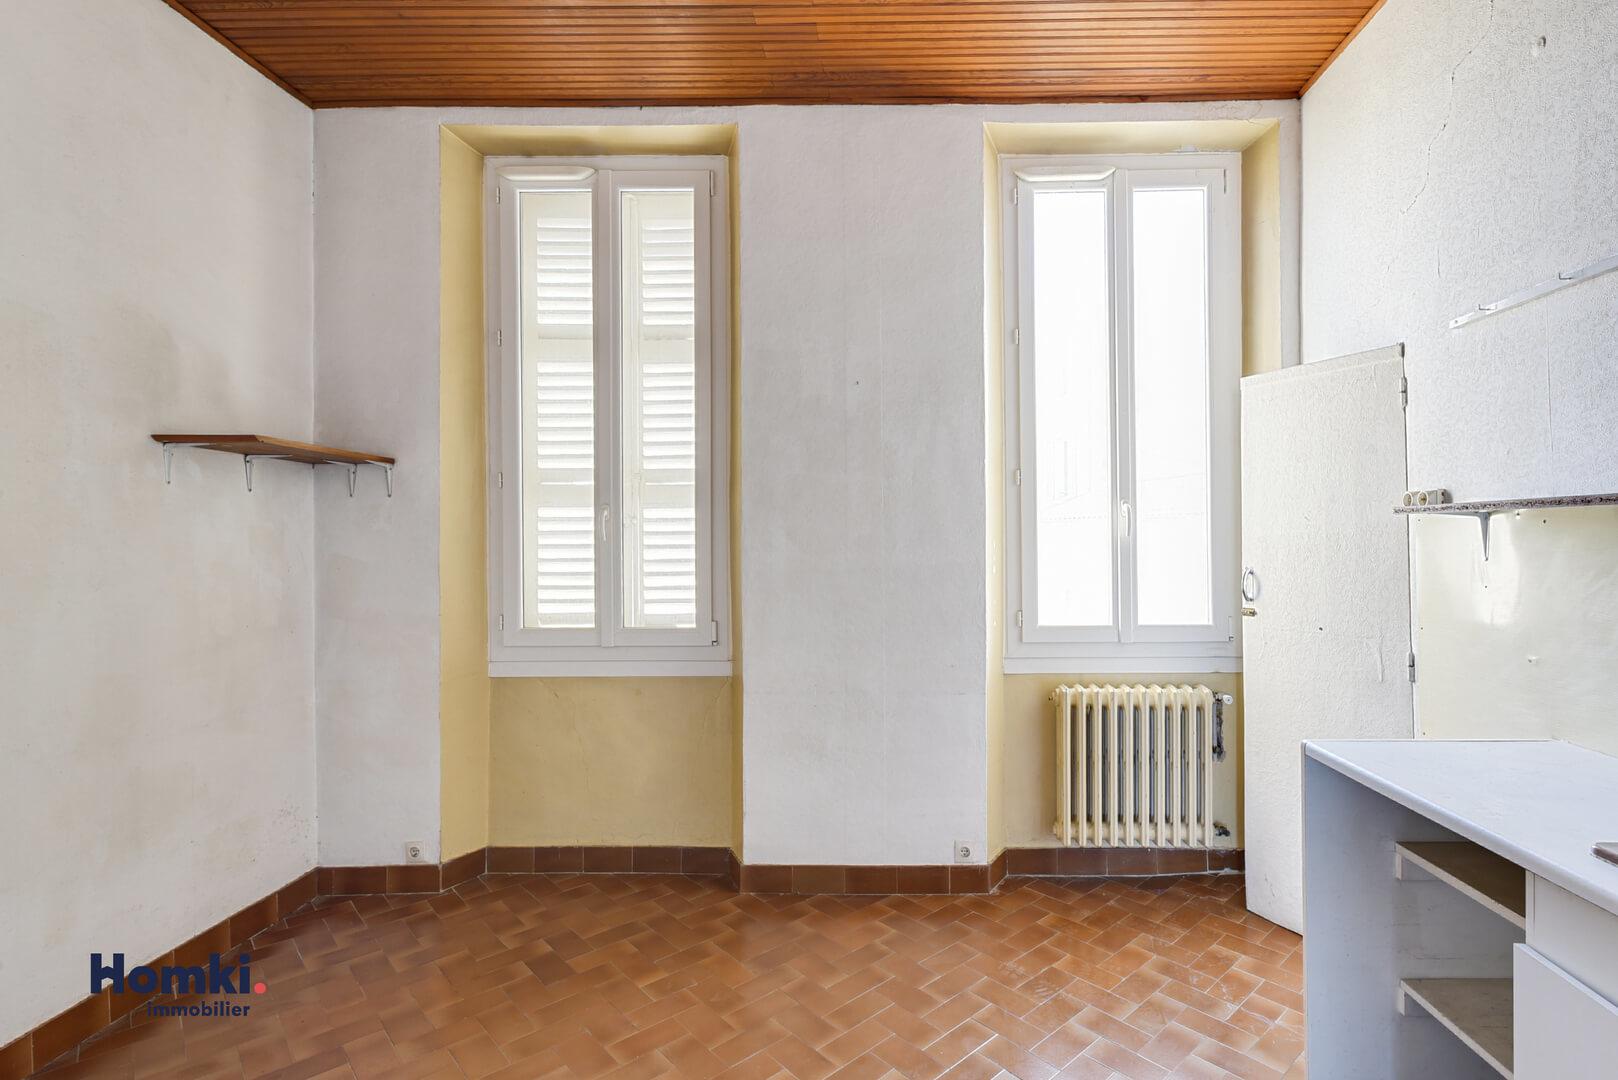 Vente Maison 100 m² T5 13012 Marseille_8